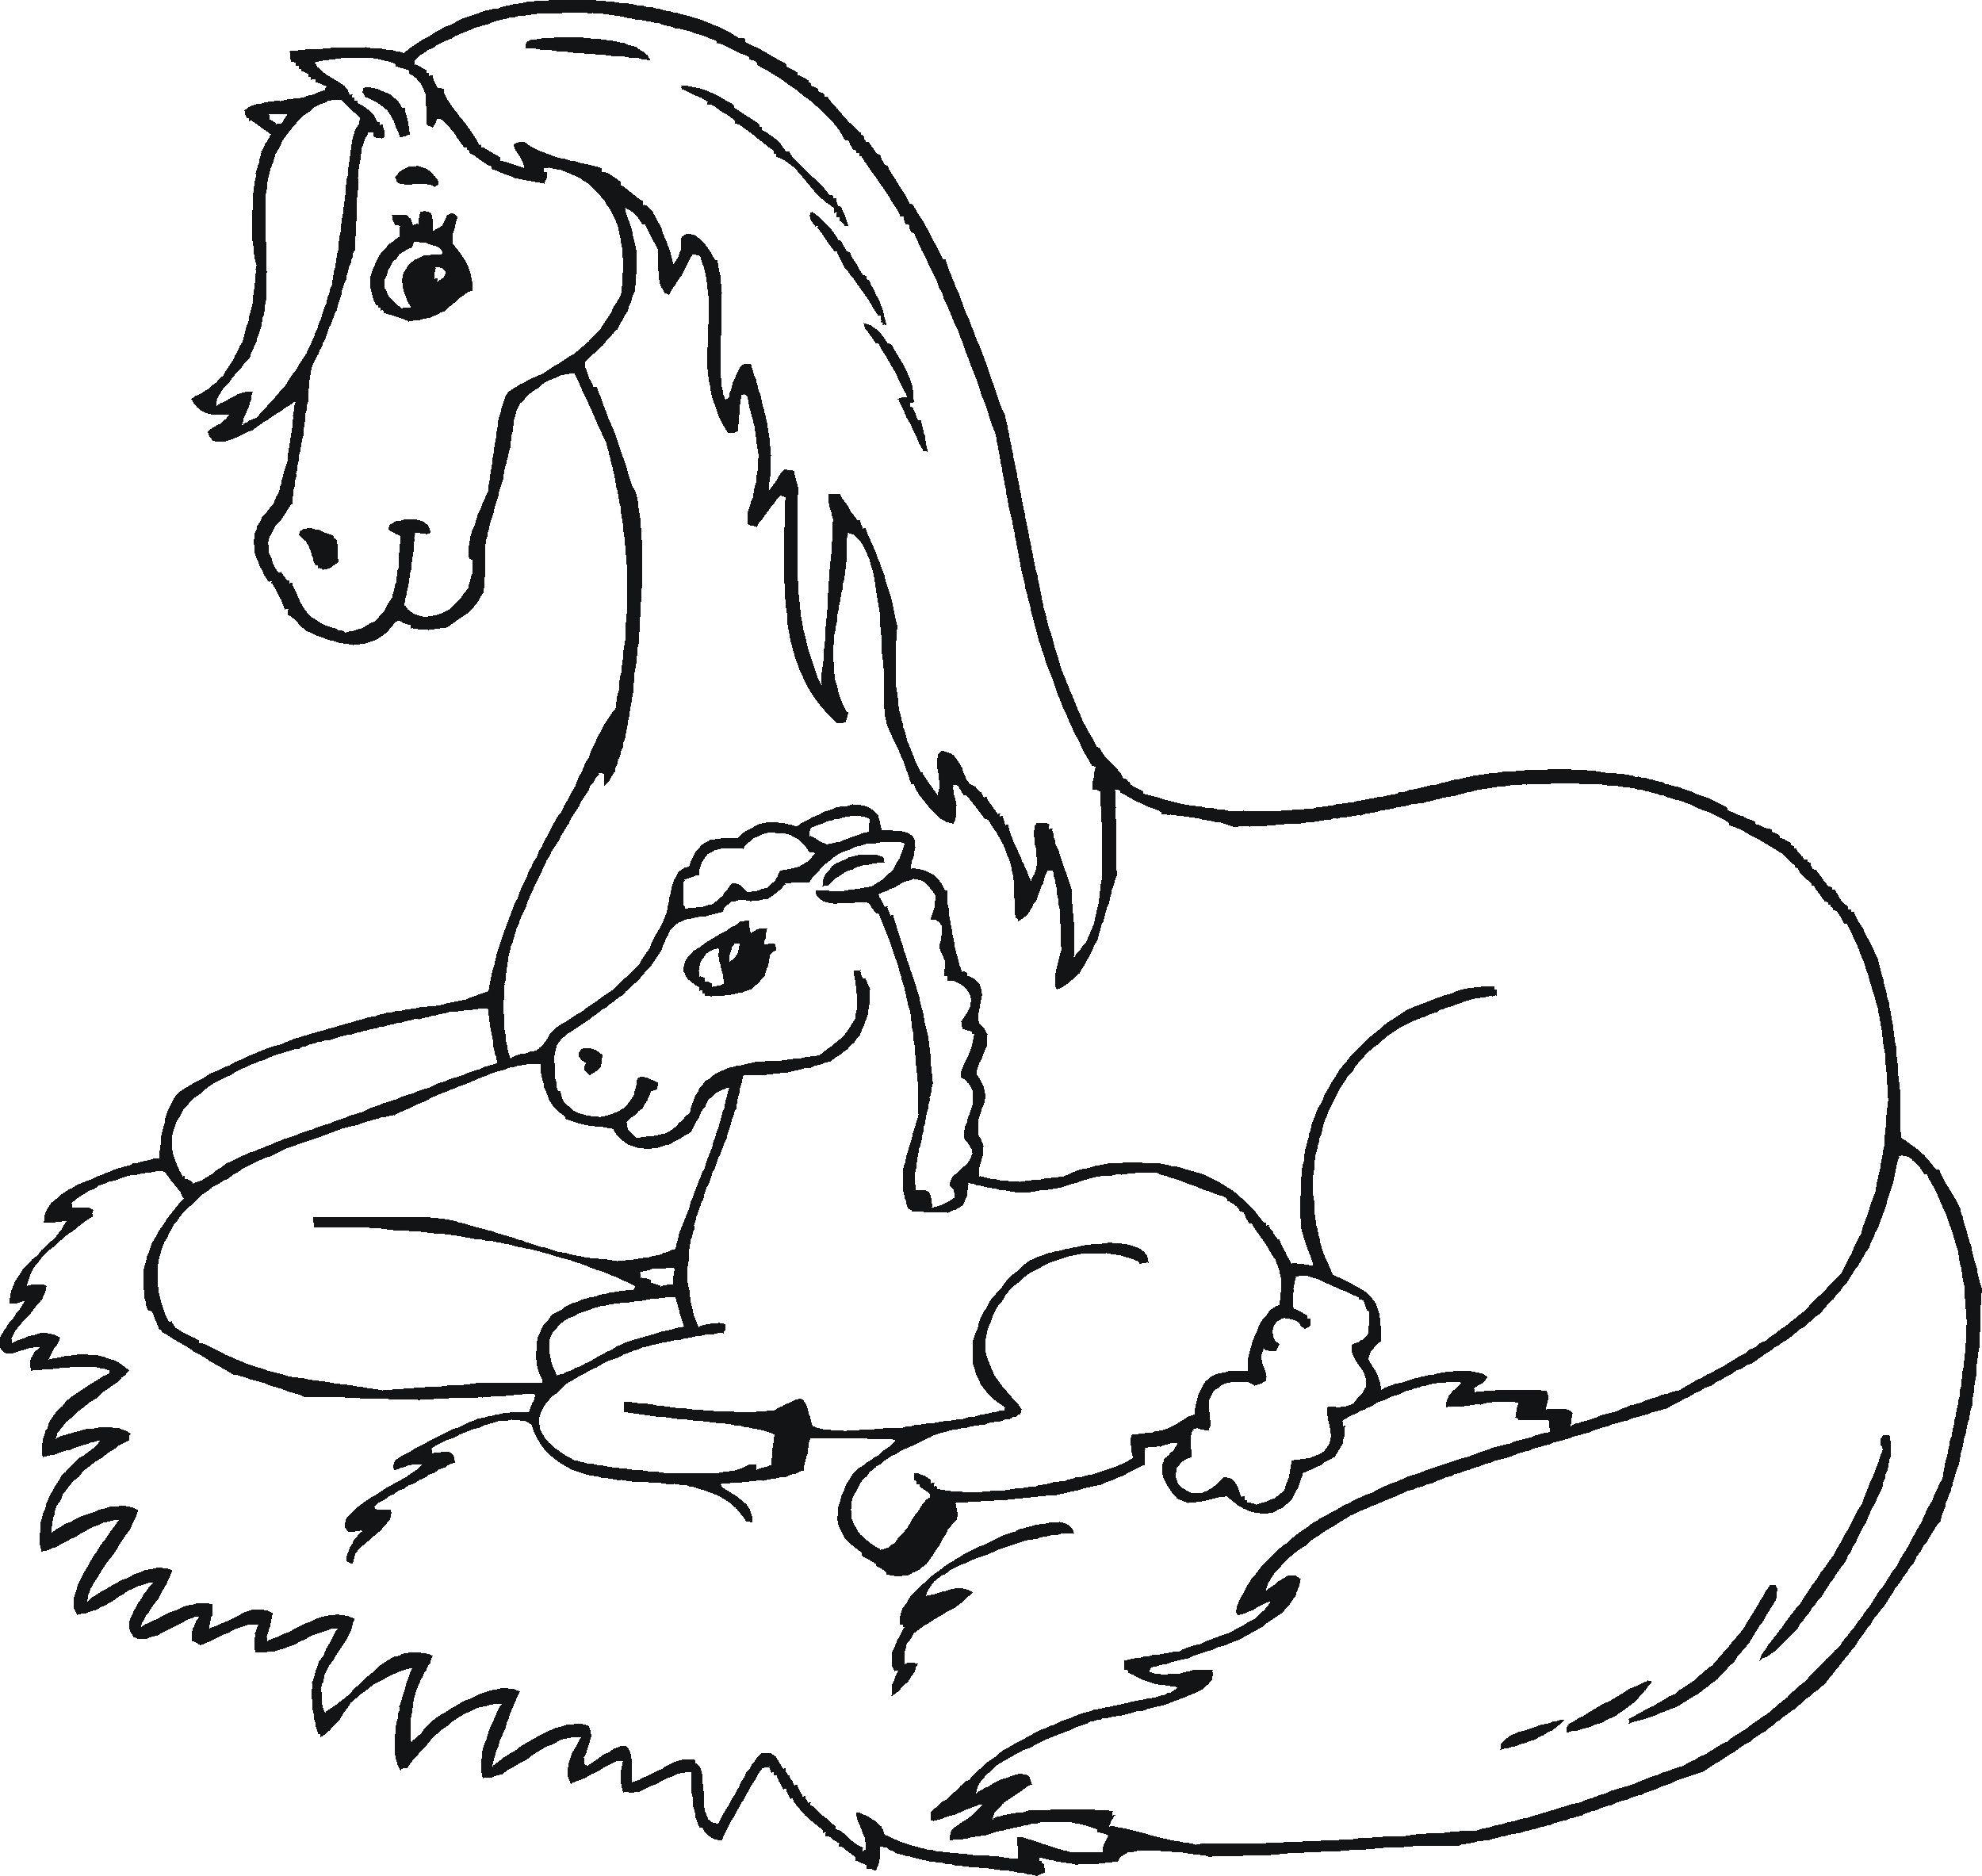 Pin von Carol Ferris auf preschool crafts  Ausmalbilder pferde